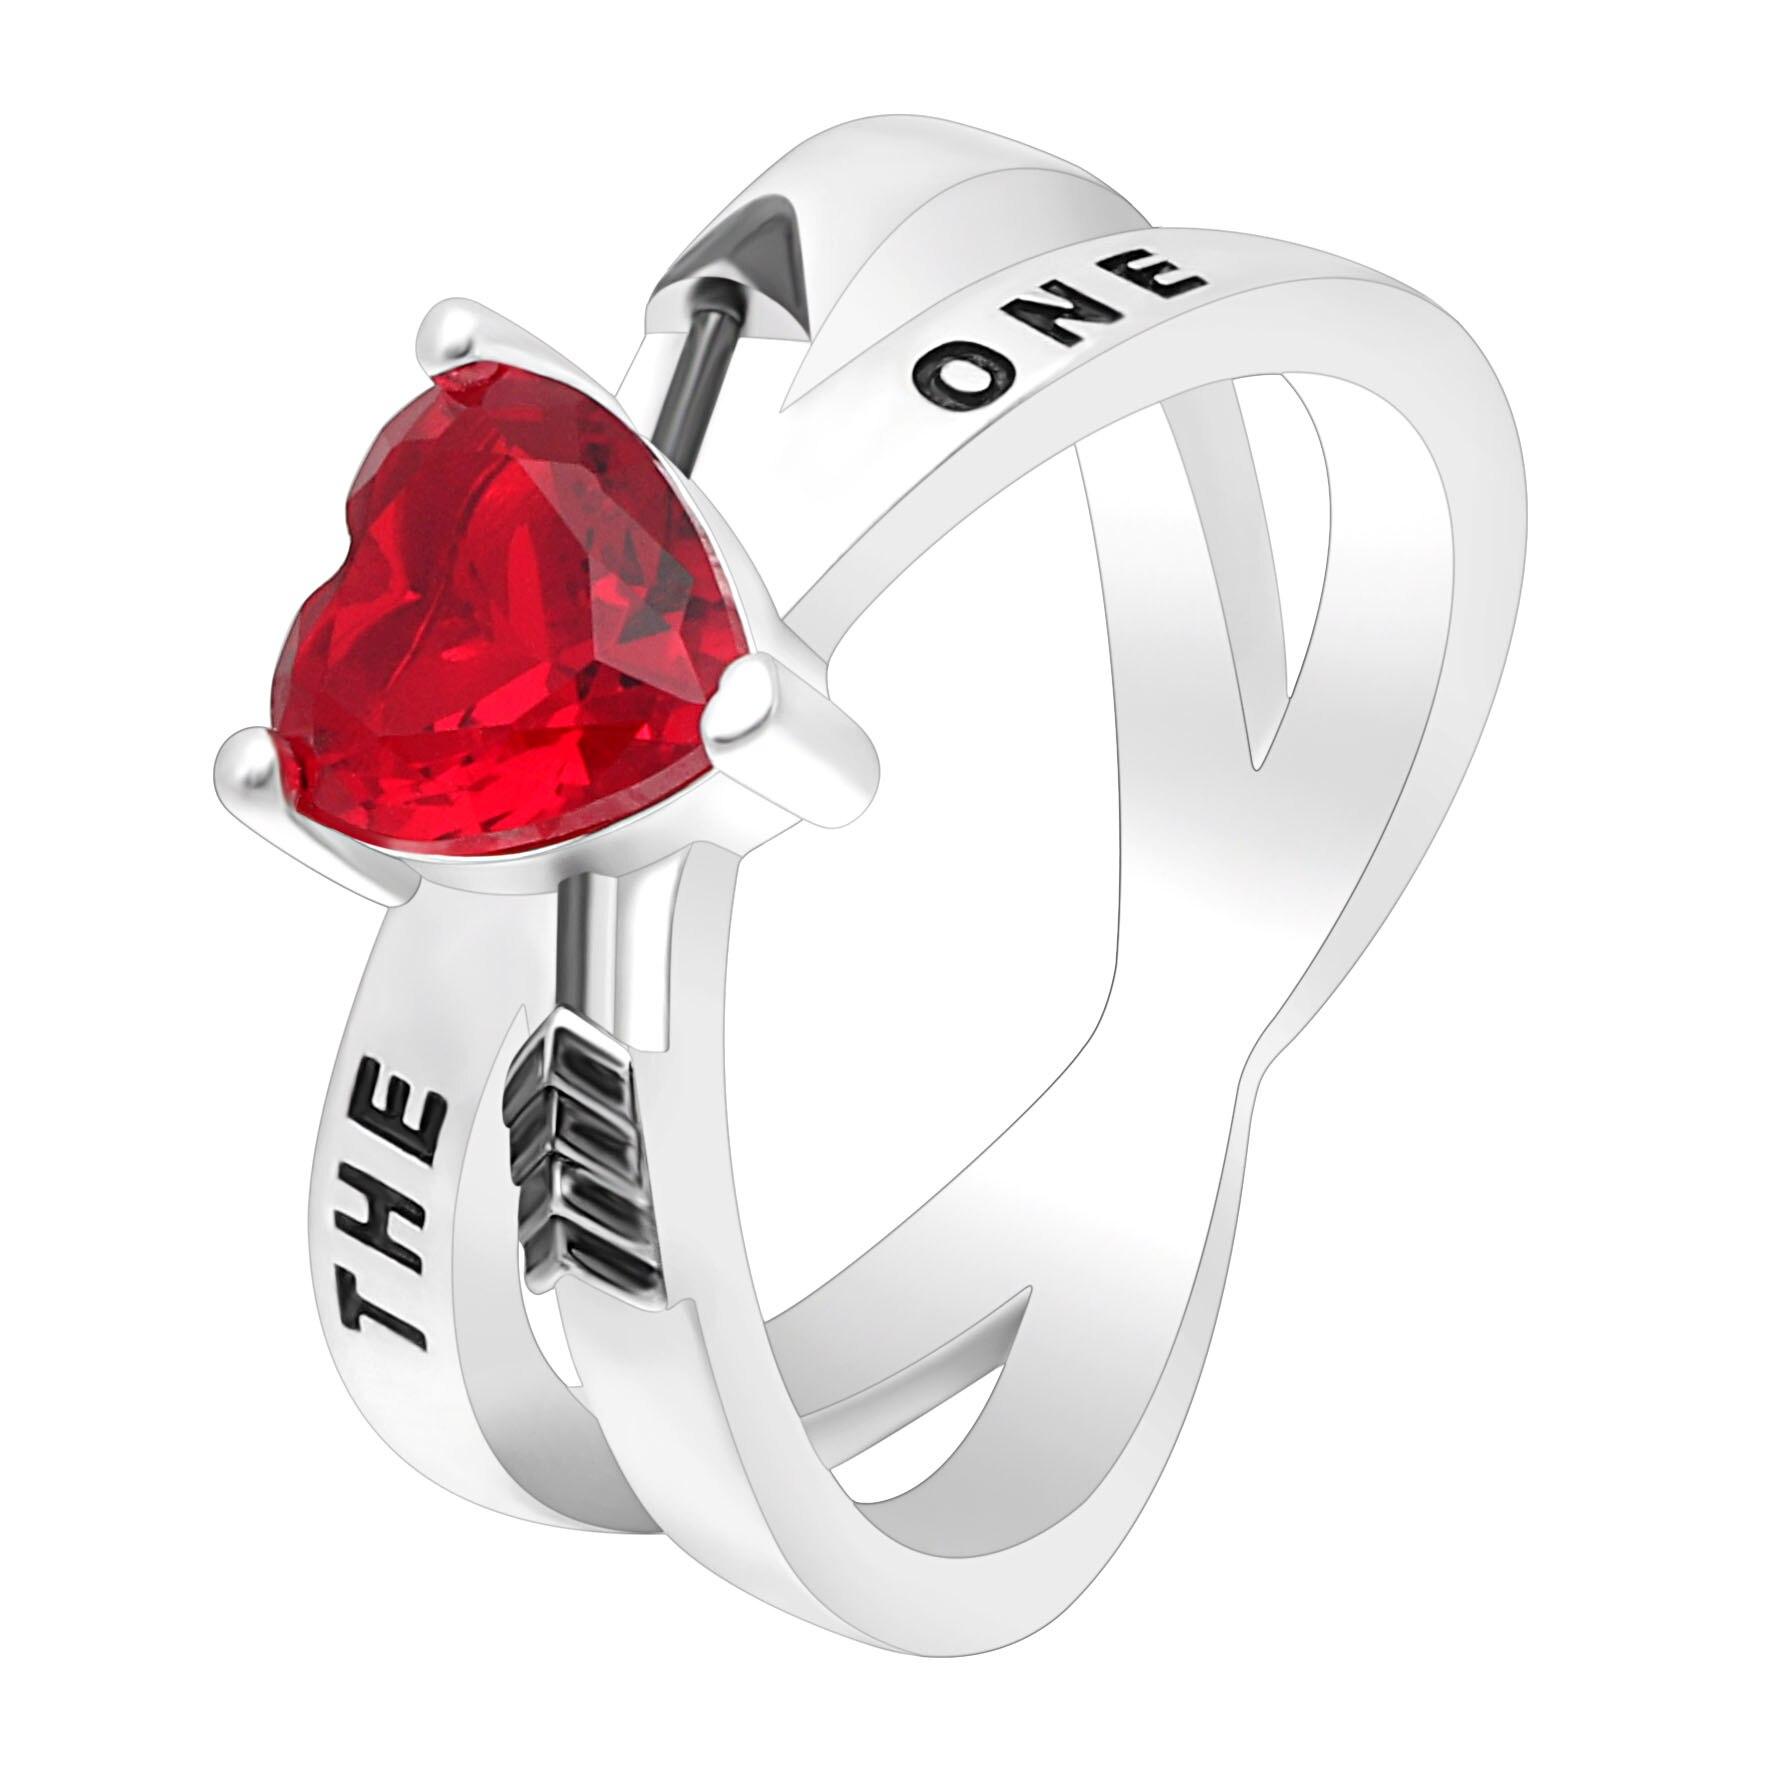 Hainon Новая мода Серебряный Цвет Свадебные Обручение кольца для Для женщин стрелка Красное Сердце Lover кольца ювелирных изделий обещает кольц...